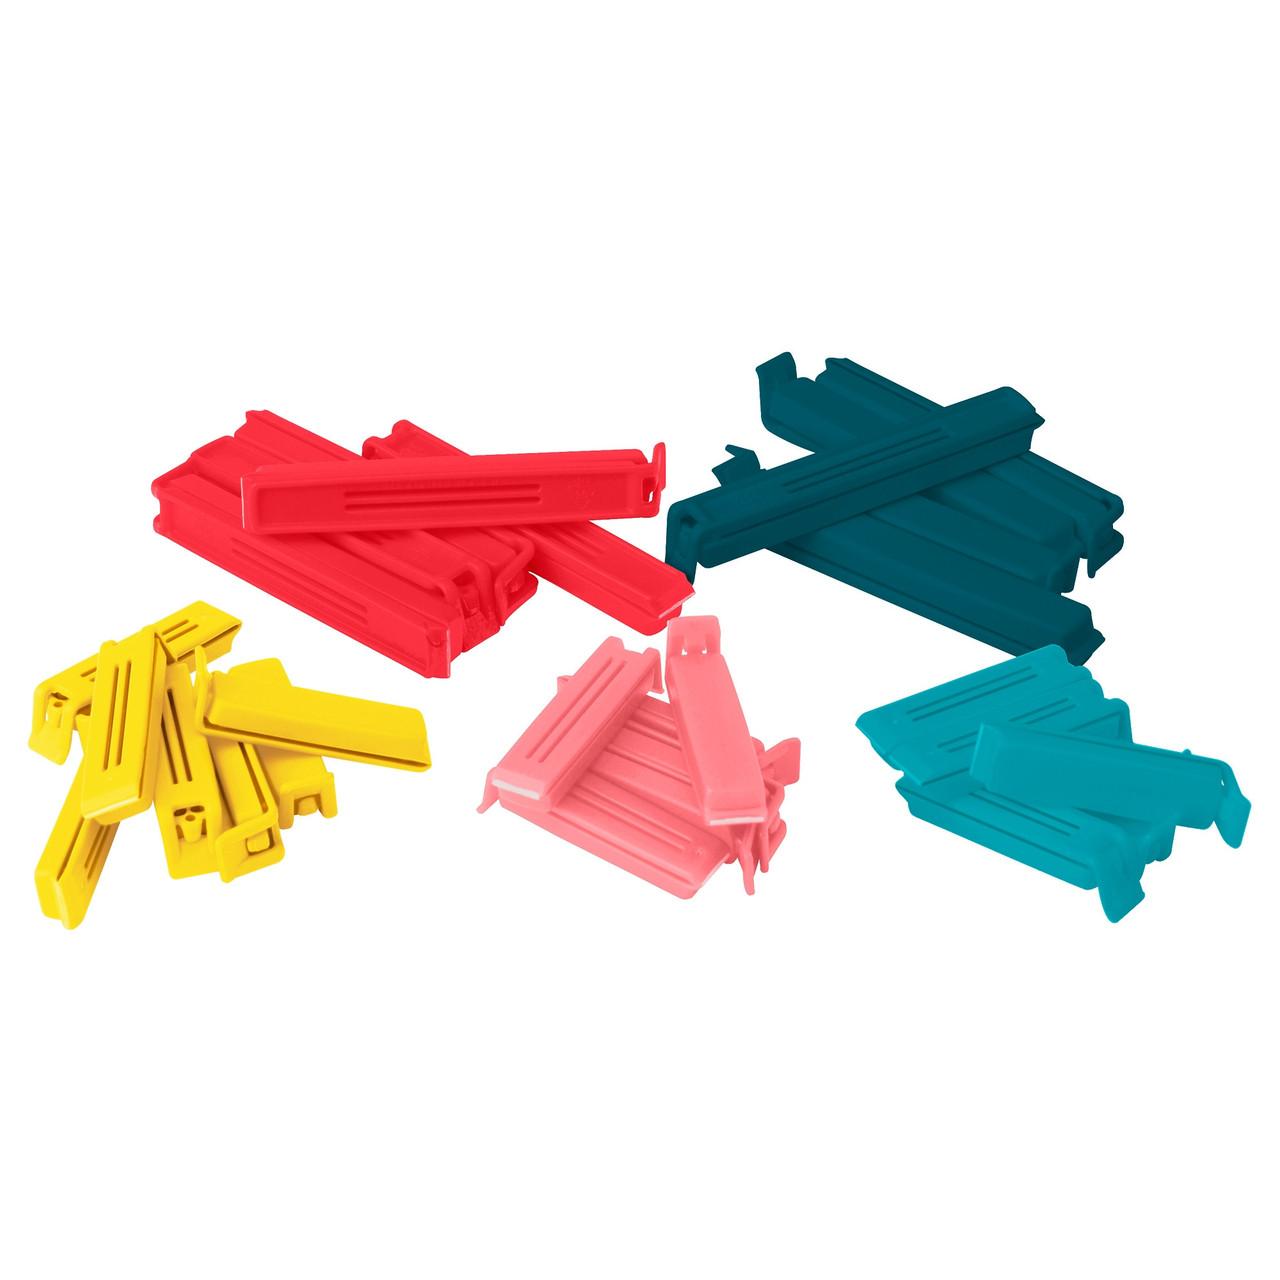 BEVARA Зажим для пакетов,30 штук, разные цвета, различные размеры 103.391.71